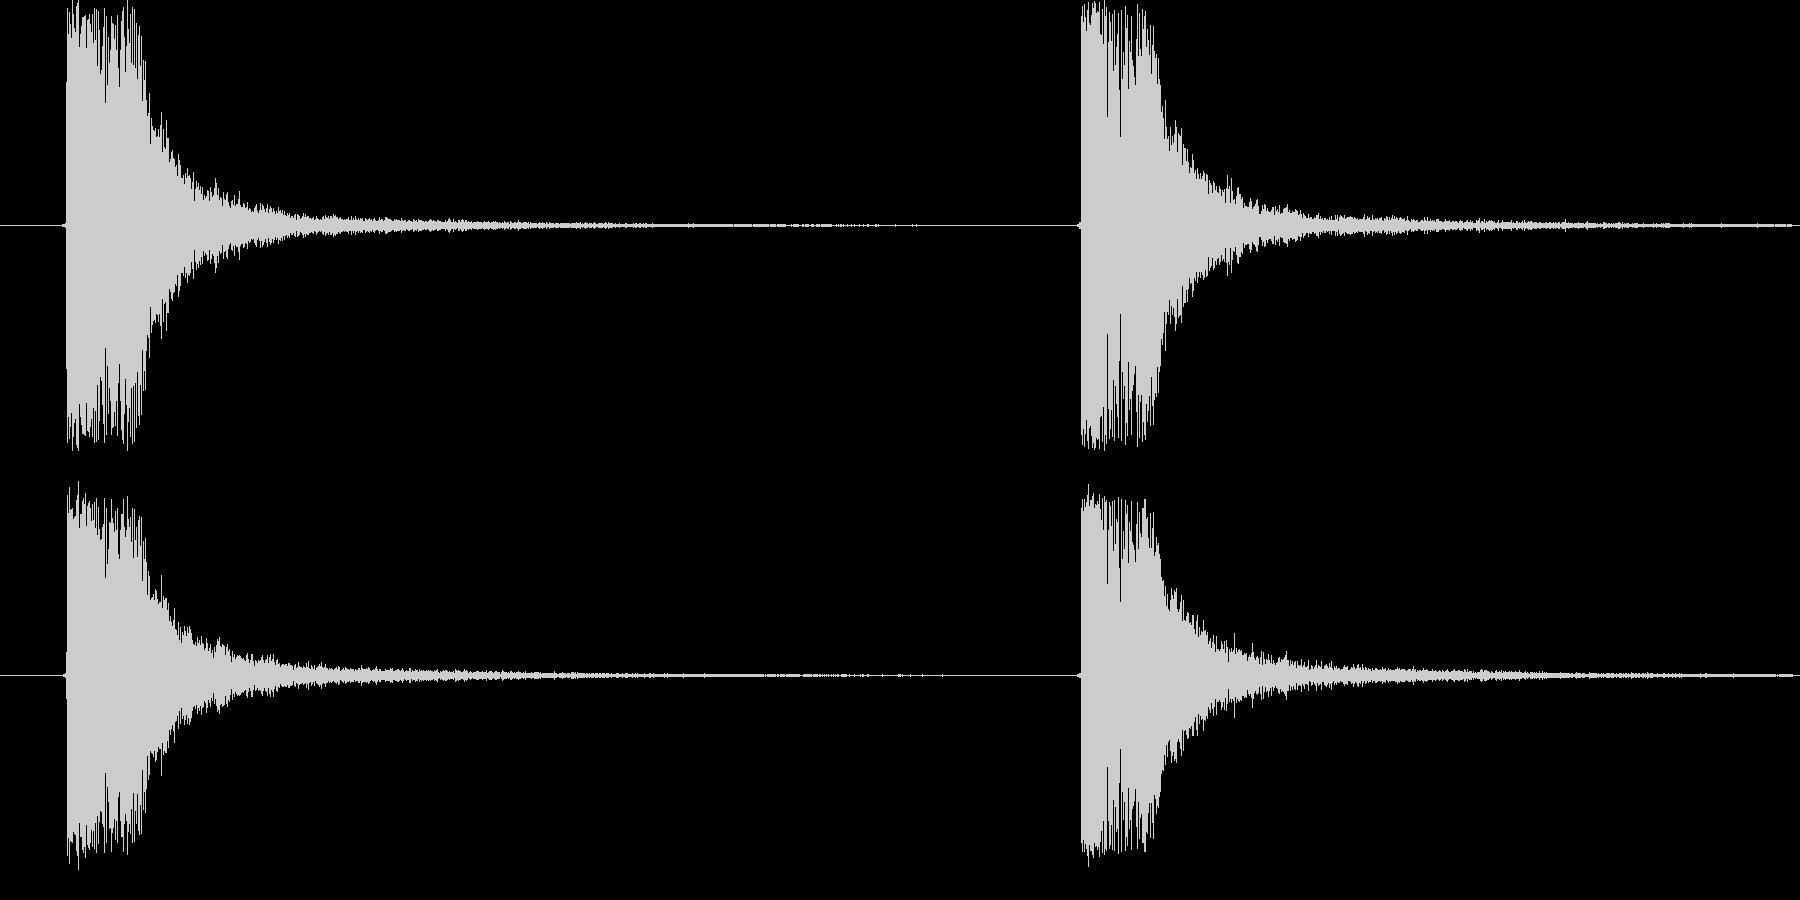 ドキューン (電子銃を撃つ音)の未再生の波形